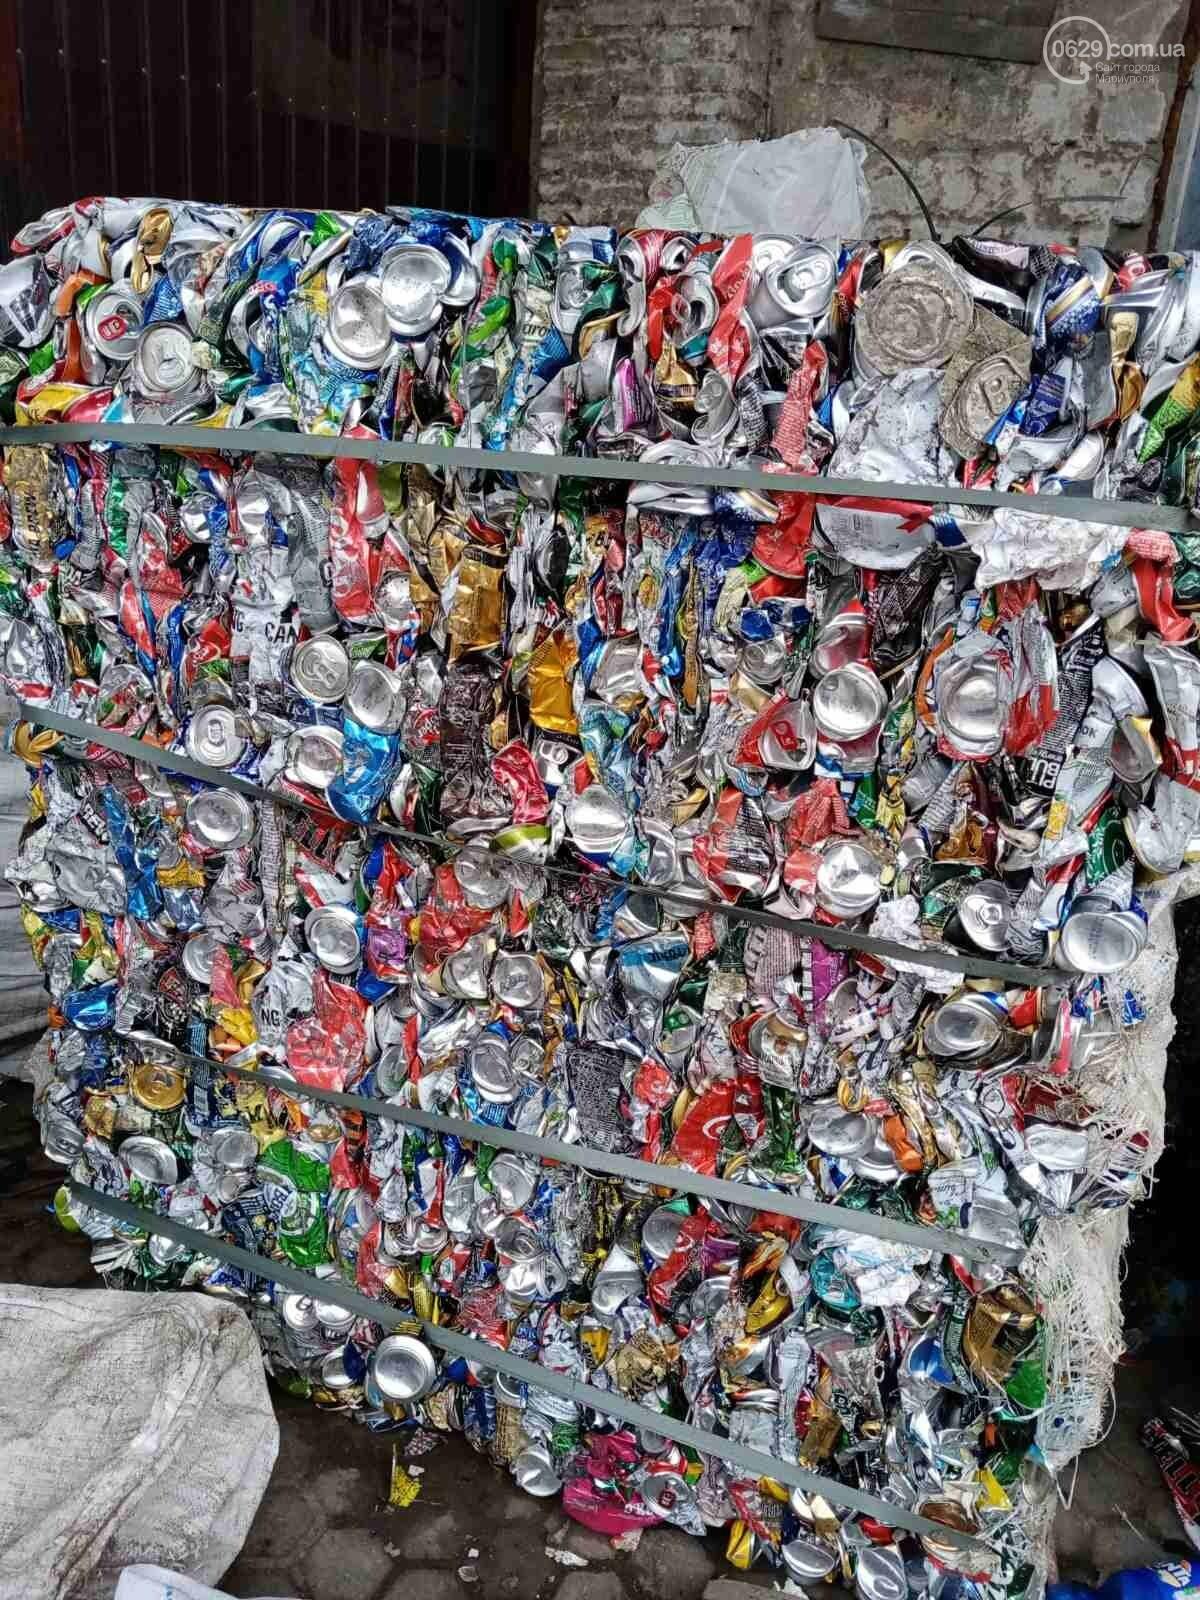 Мариуполь чистый город. Закупаем макулатуру, пластик, ПЭТ, стекло и другие отходы, фото-7